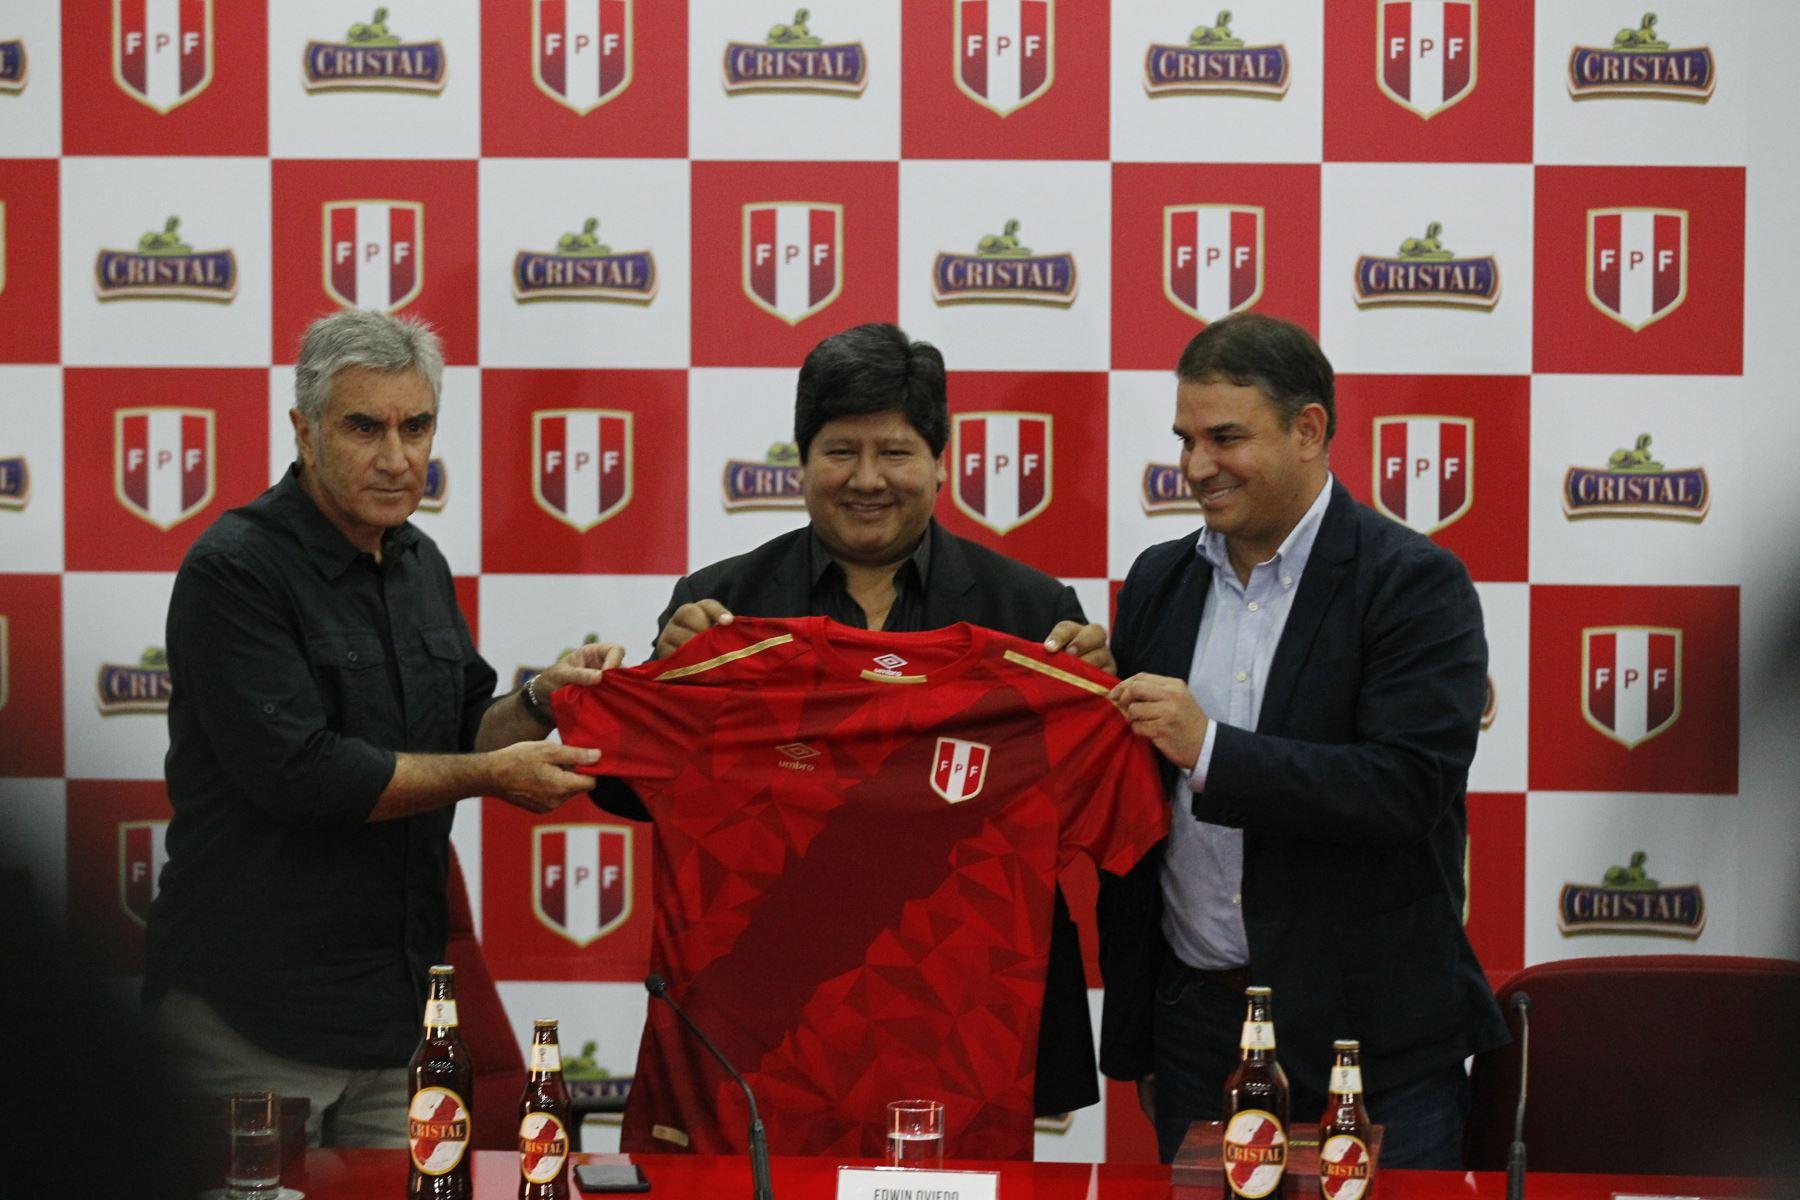 Selección peruana  mira la tercera camiseta que usará en el Mundial de  Rusia 2018. Es totalmente roja con la franja característica que cruza el  pecho del ... 15498573deced